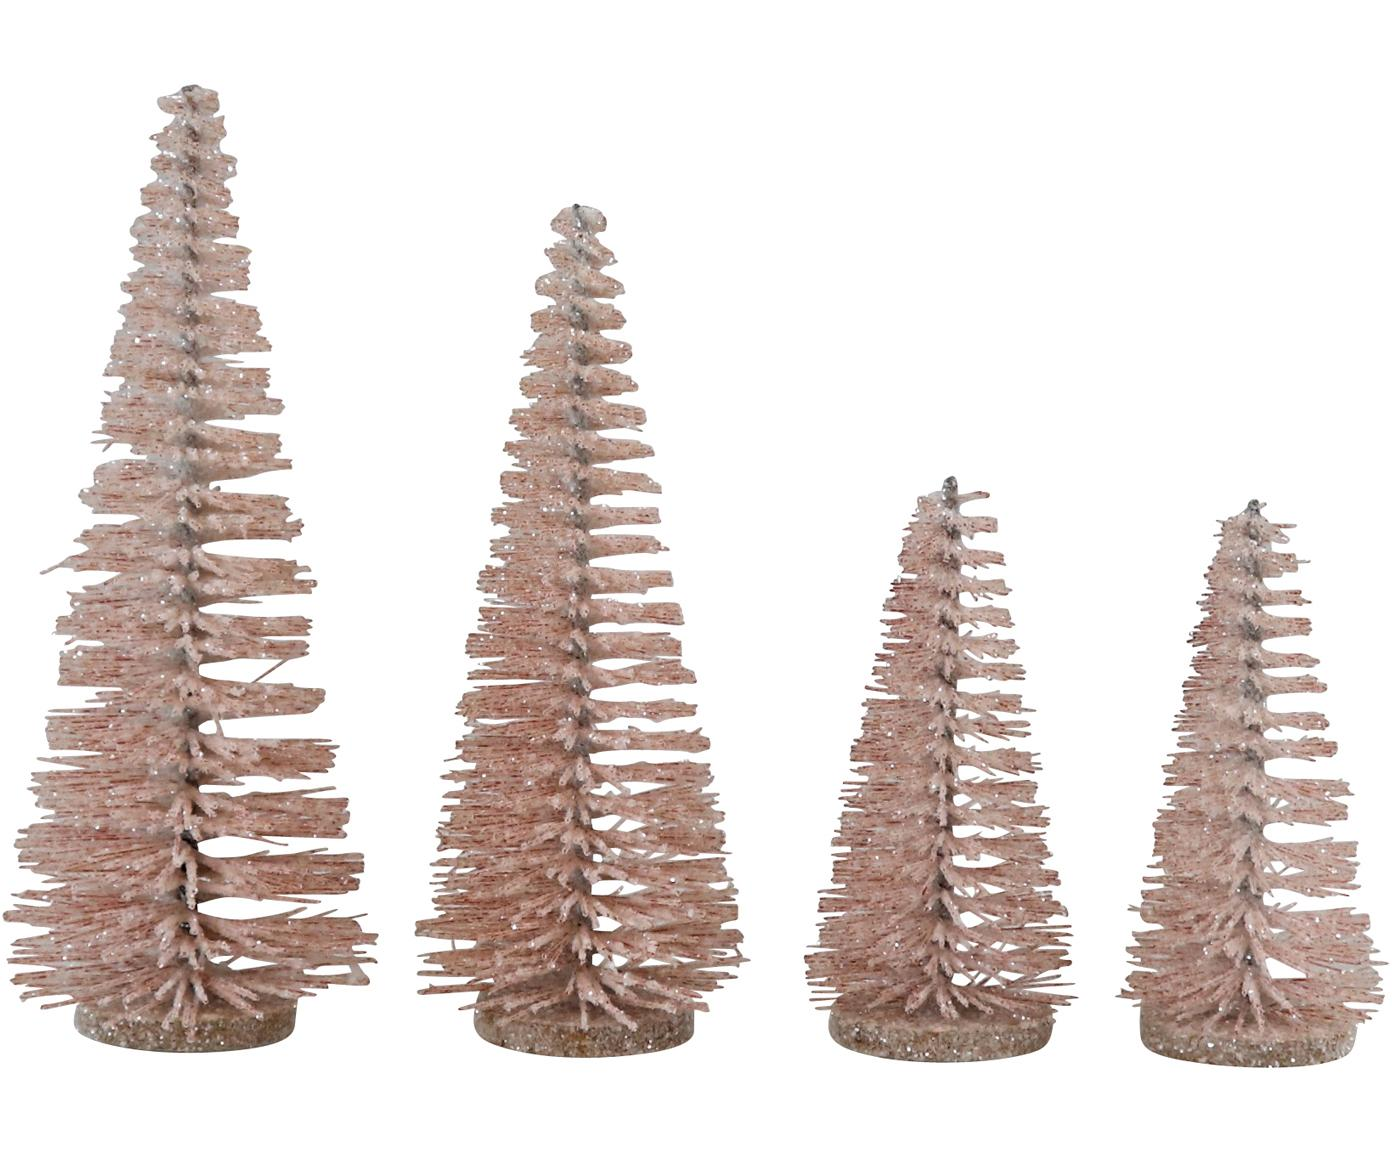 Deko-Objekt-Set Glam, 4-tlg., Metall, Kunststoff, Rosa, Sondergrößen